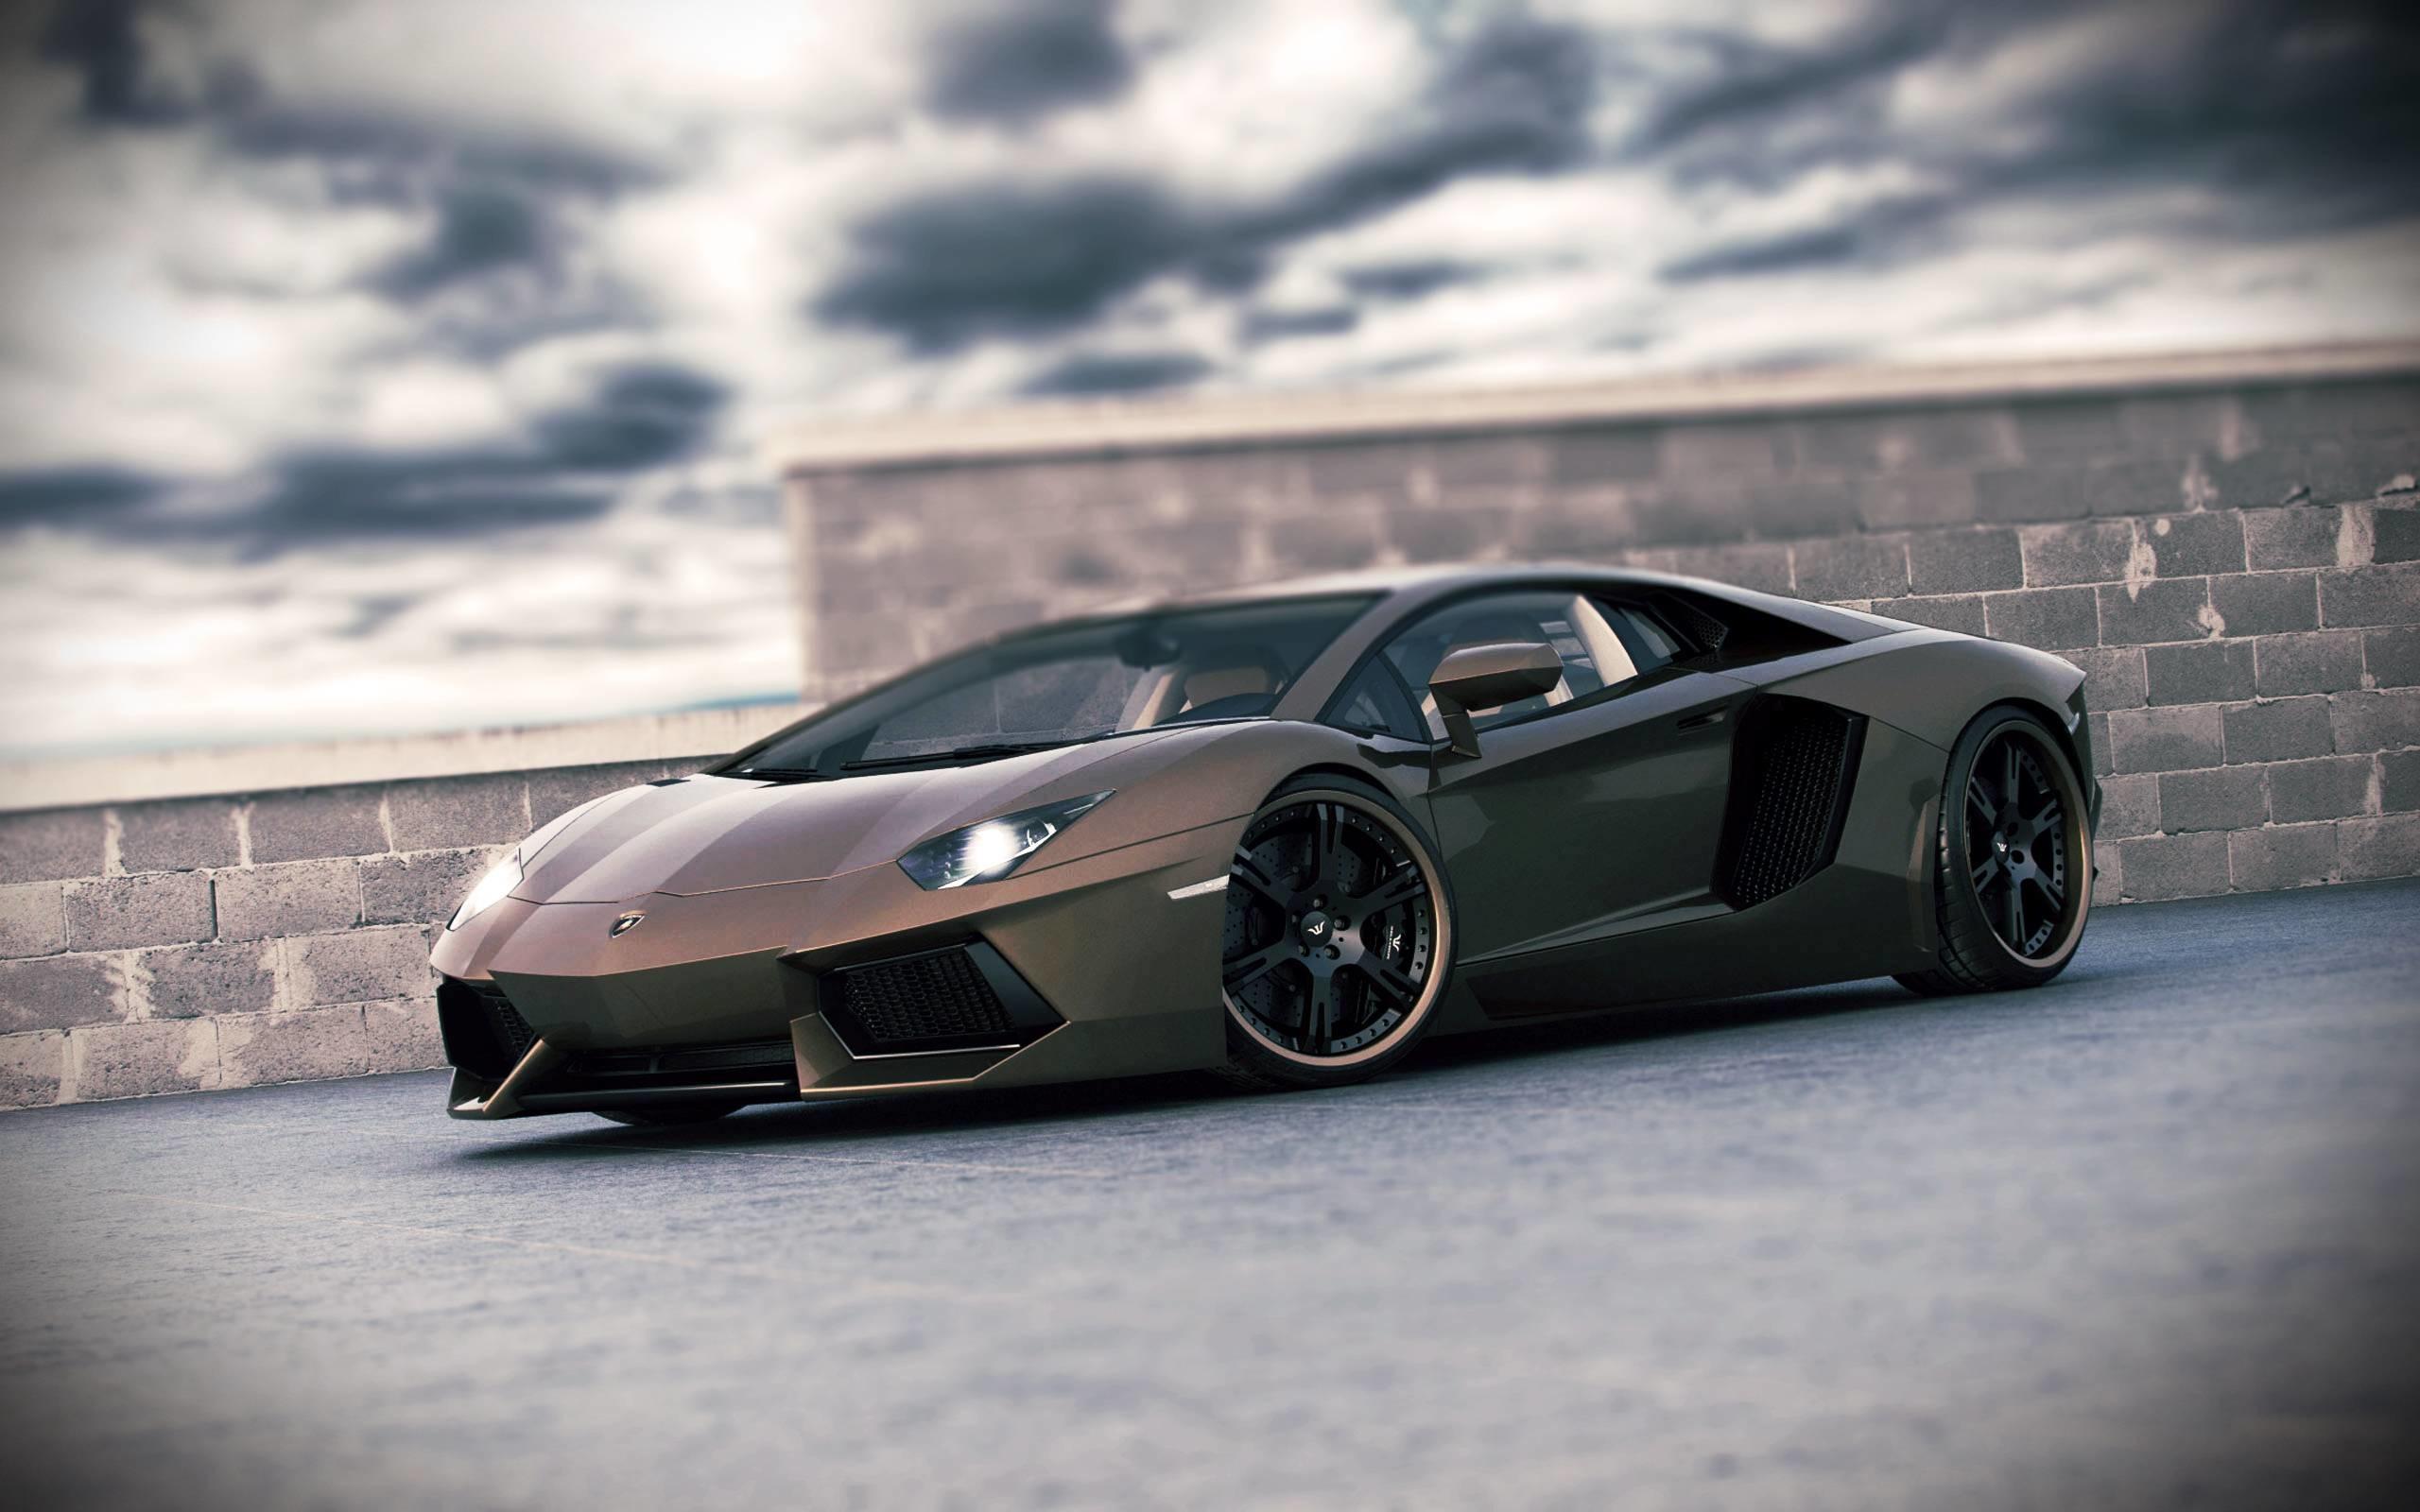 Lamborghini Wallpaper 4 6415 HD Wallpaper | Wallroro.